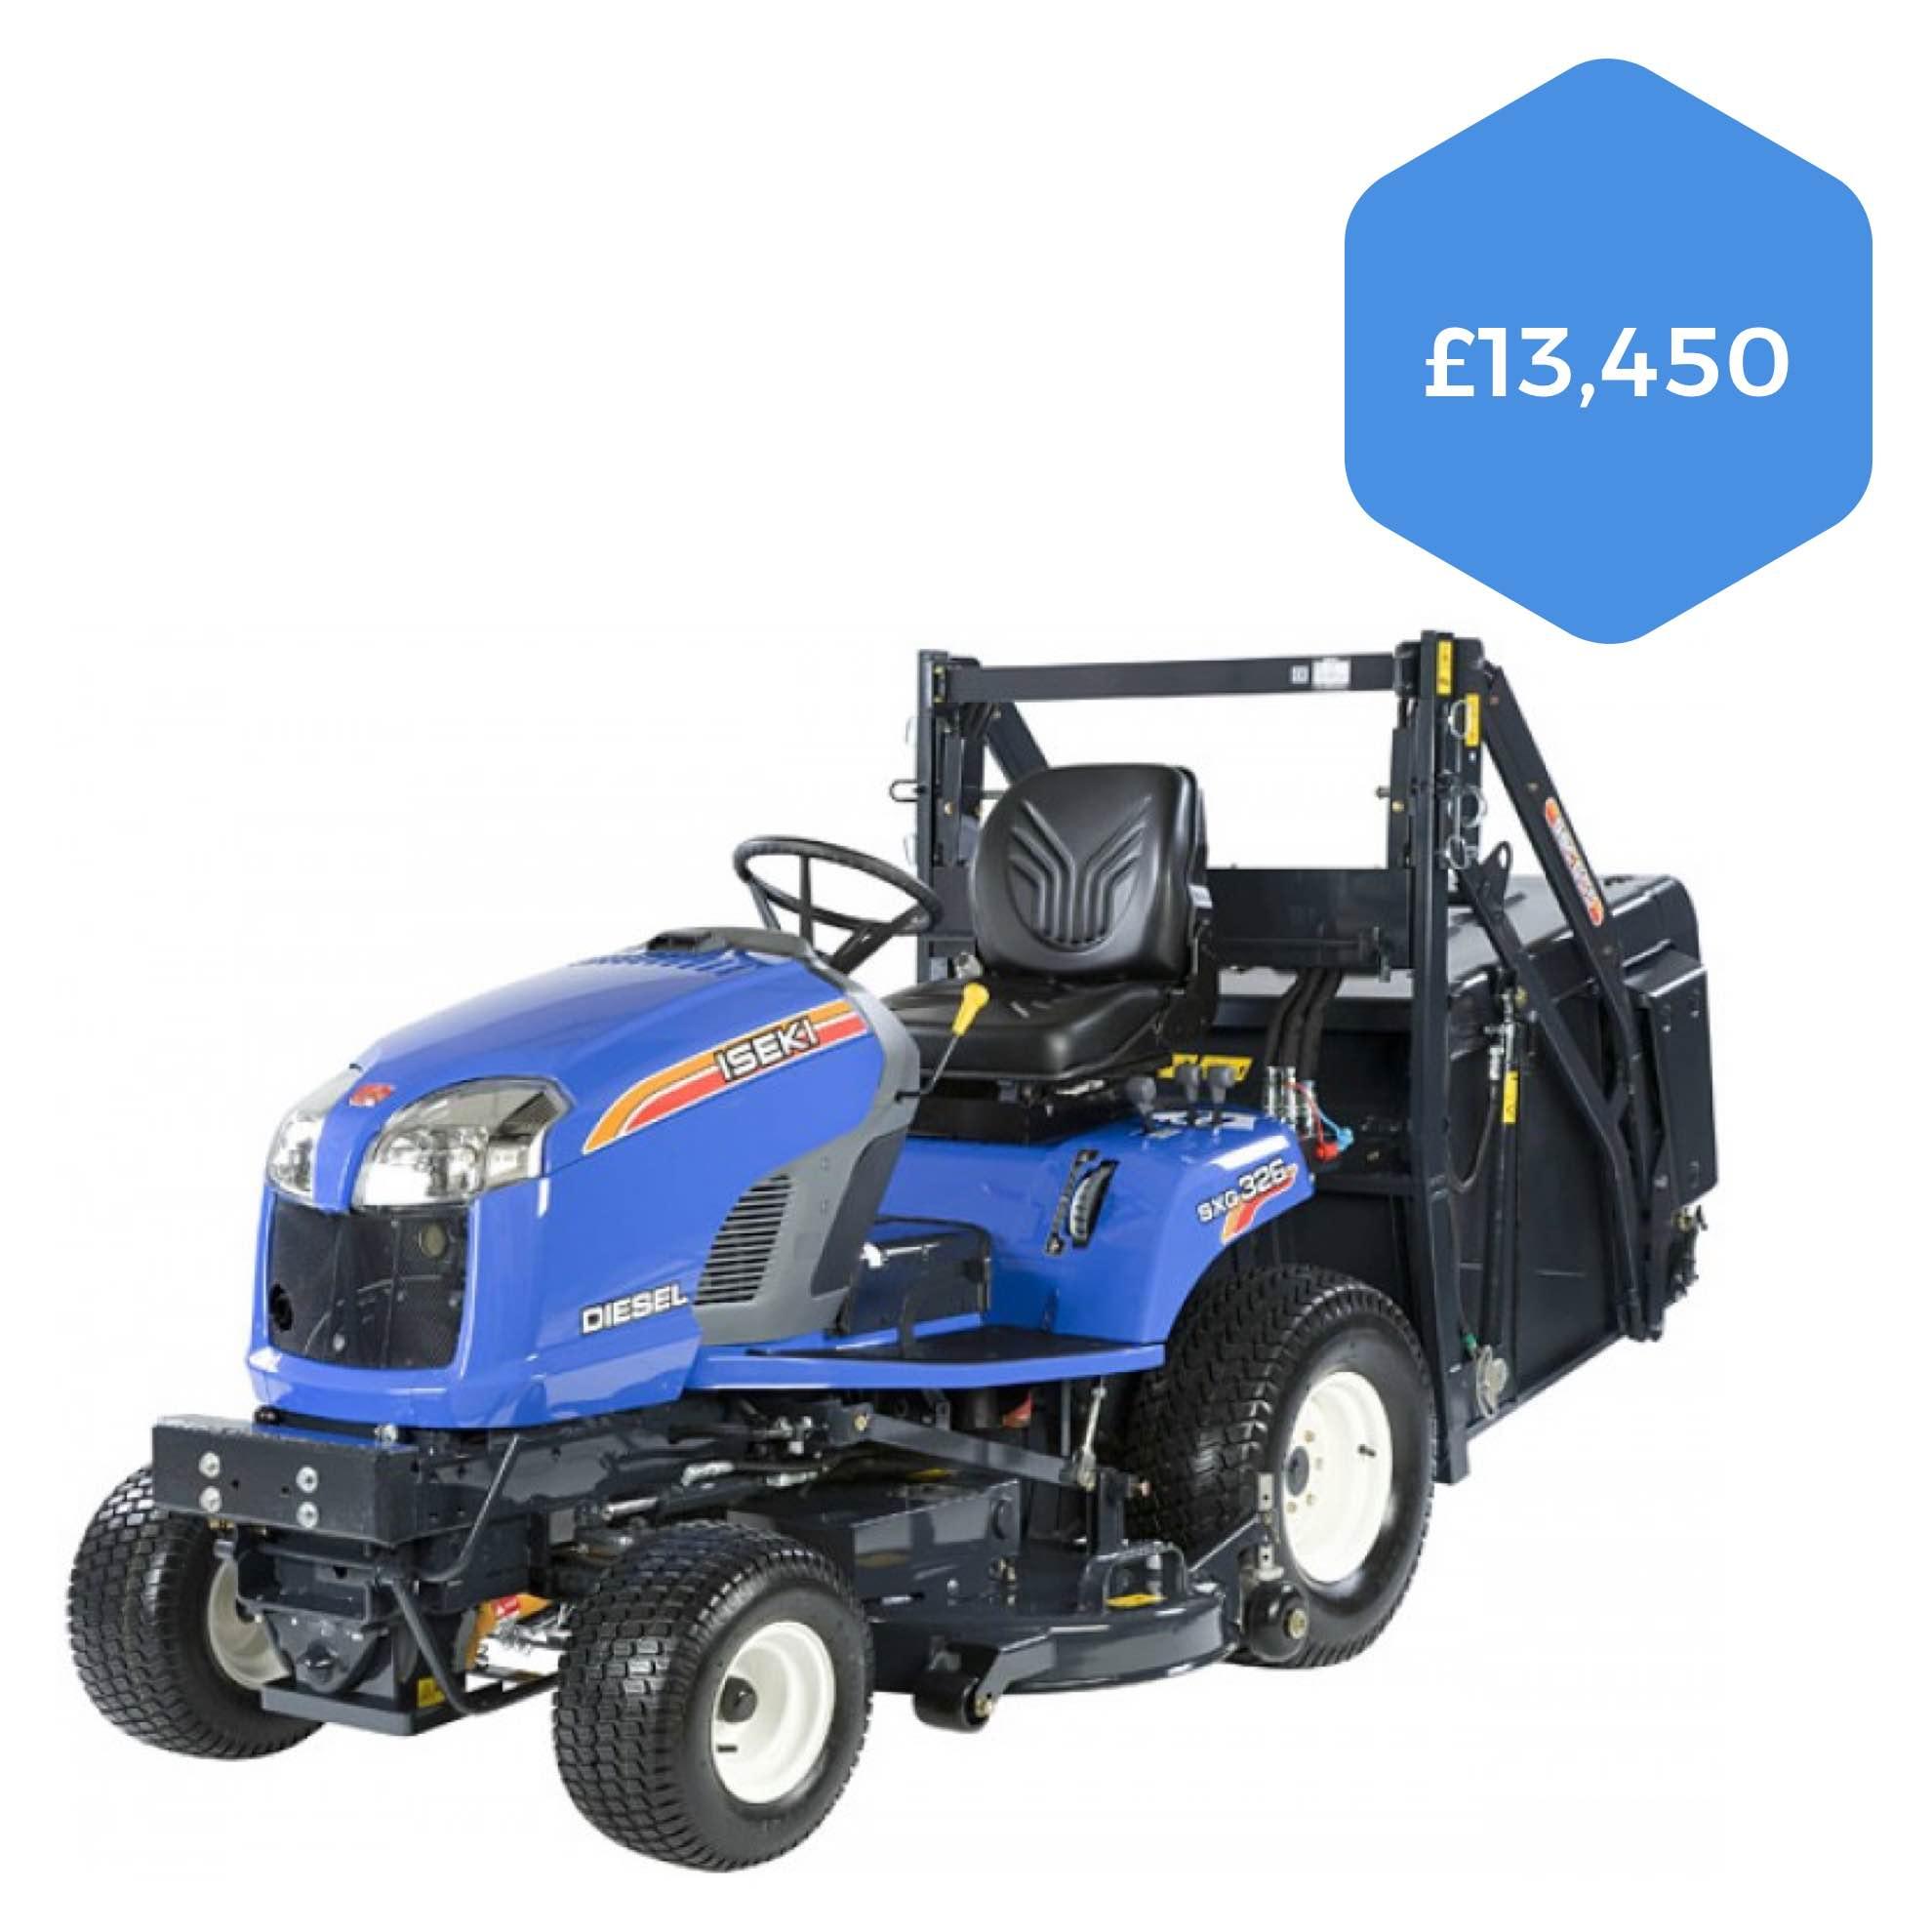 Isek SXG326 High-tip Diesel Ride-on Mower